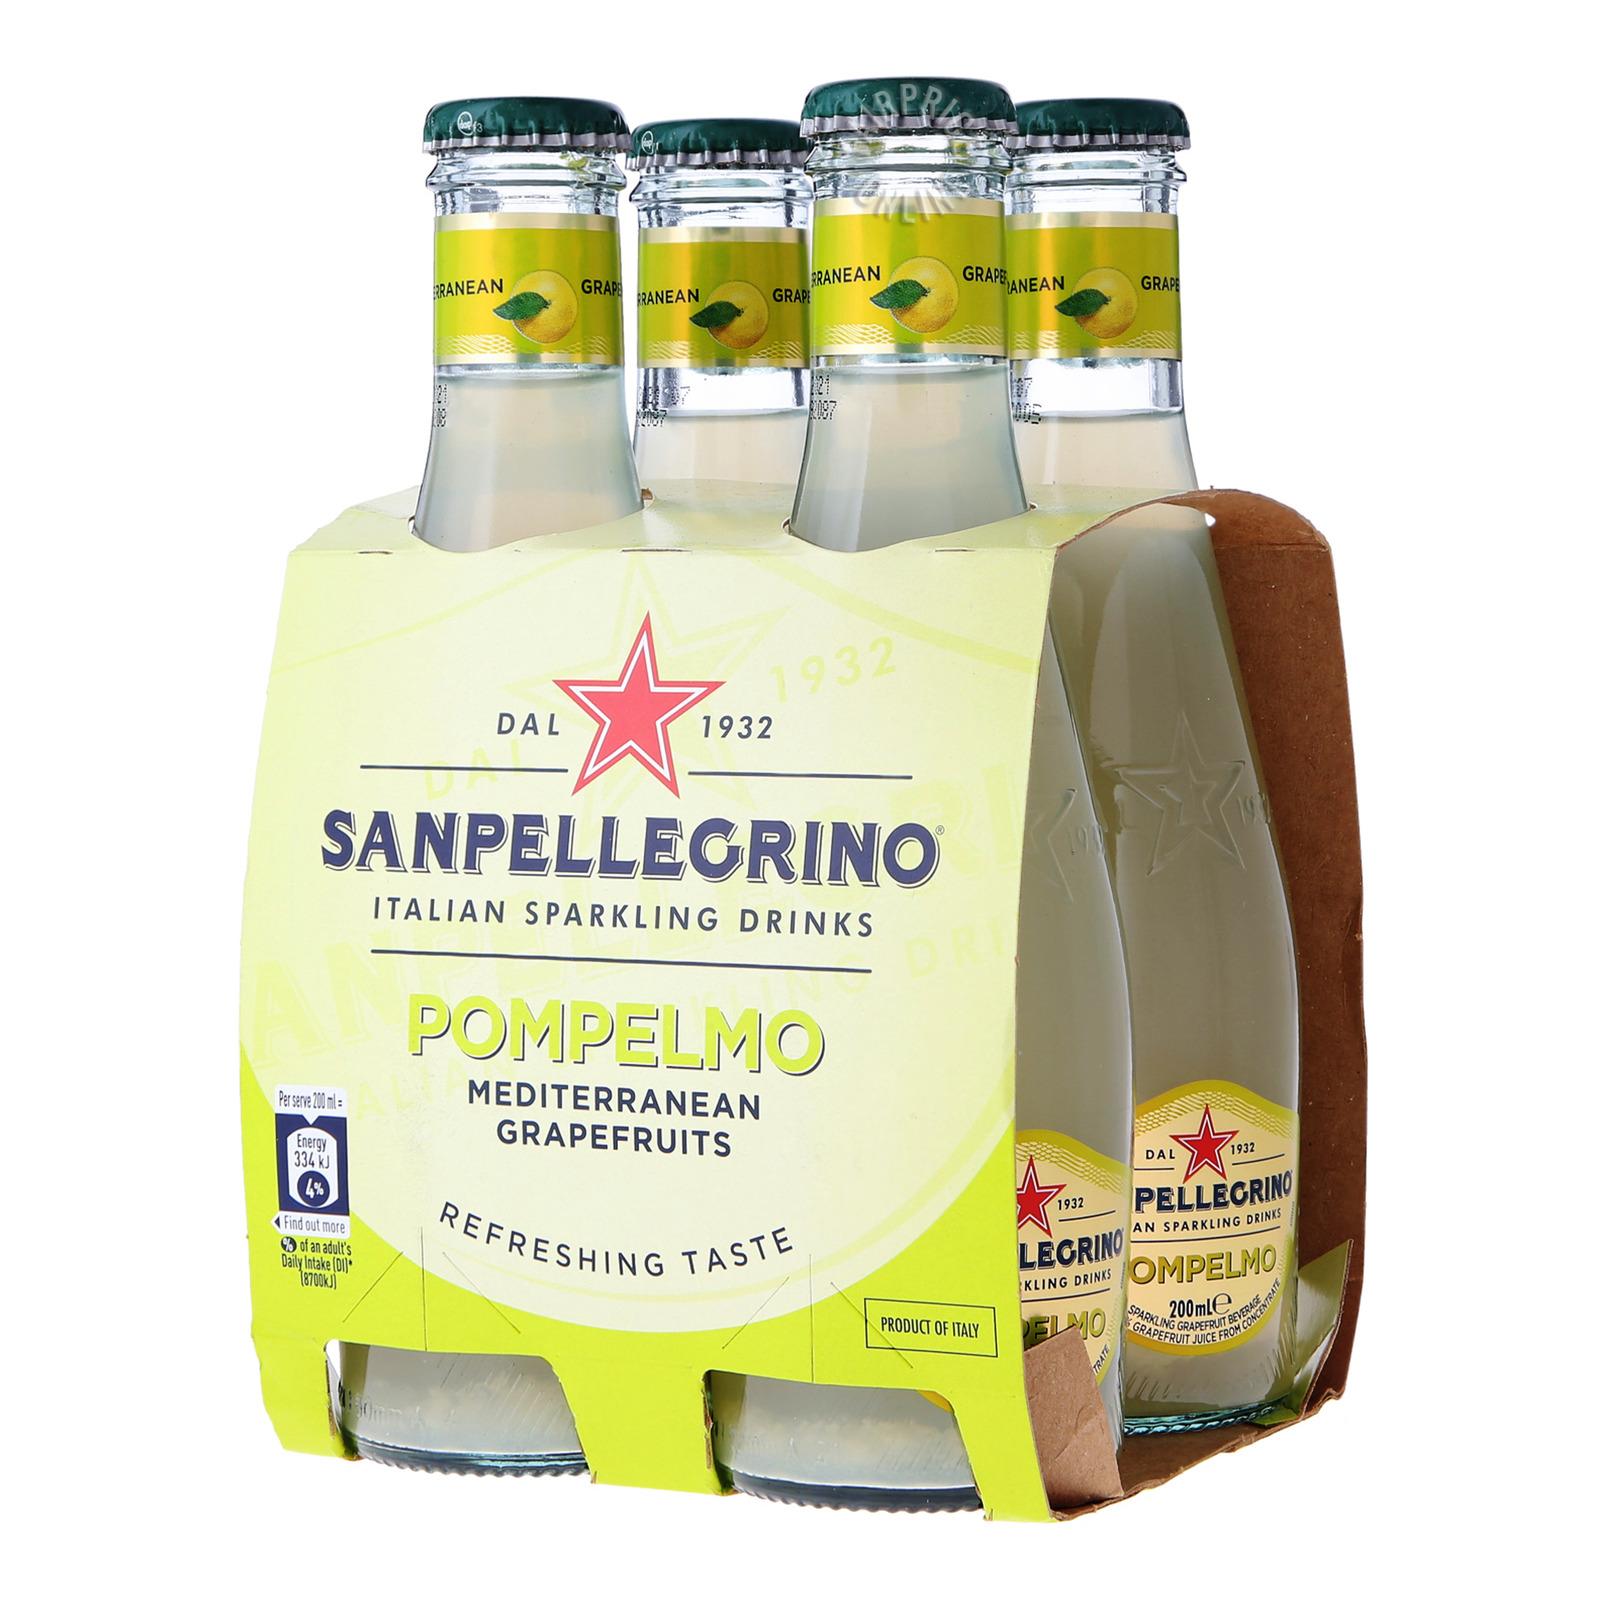 San Pellegrino Italian Sparkling Bottle Drinks - Pompelmo